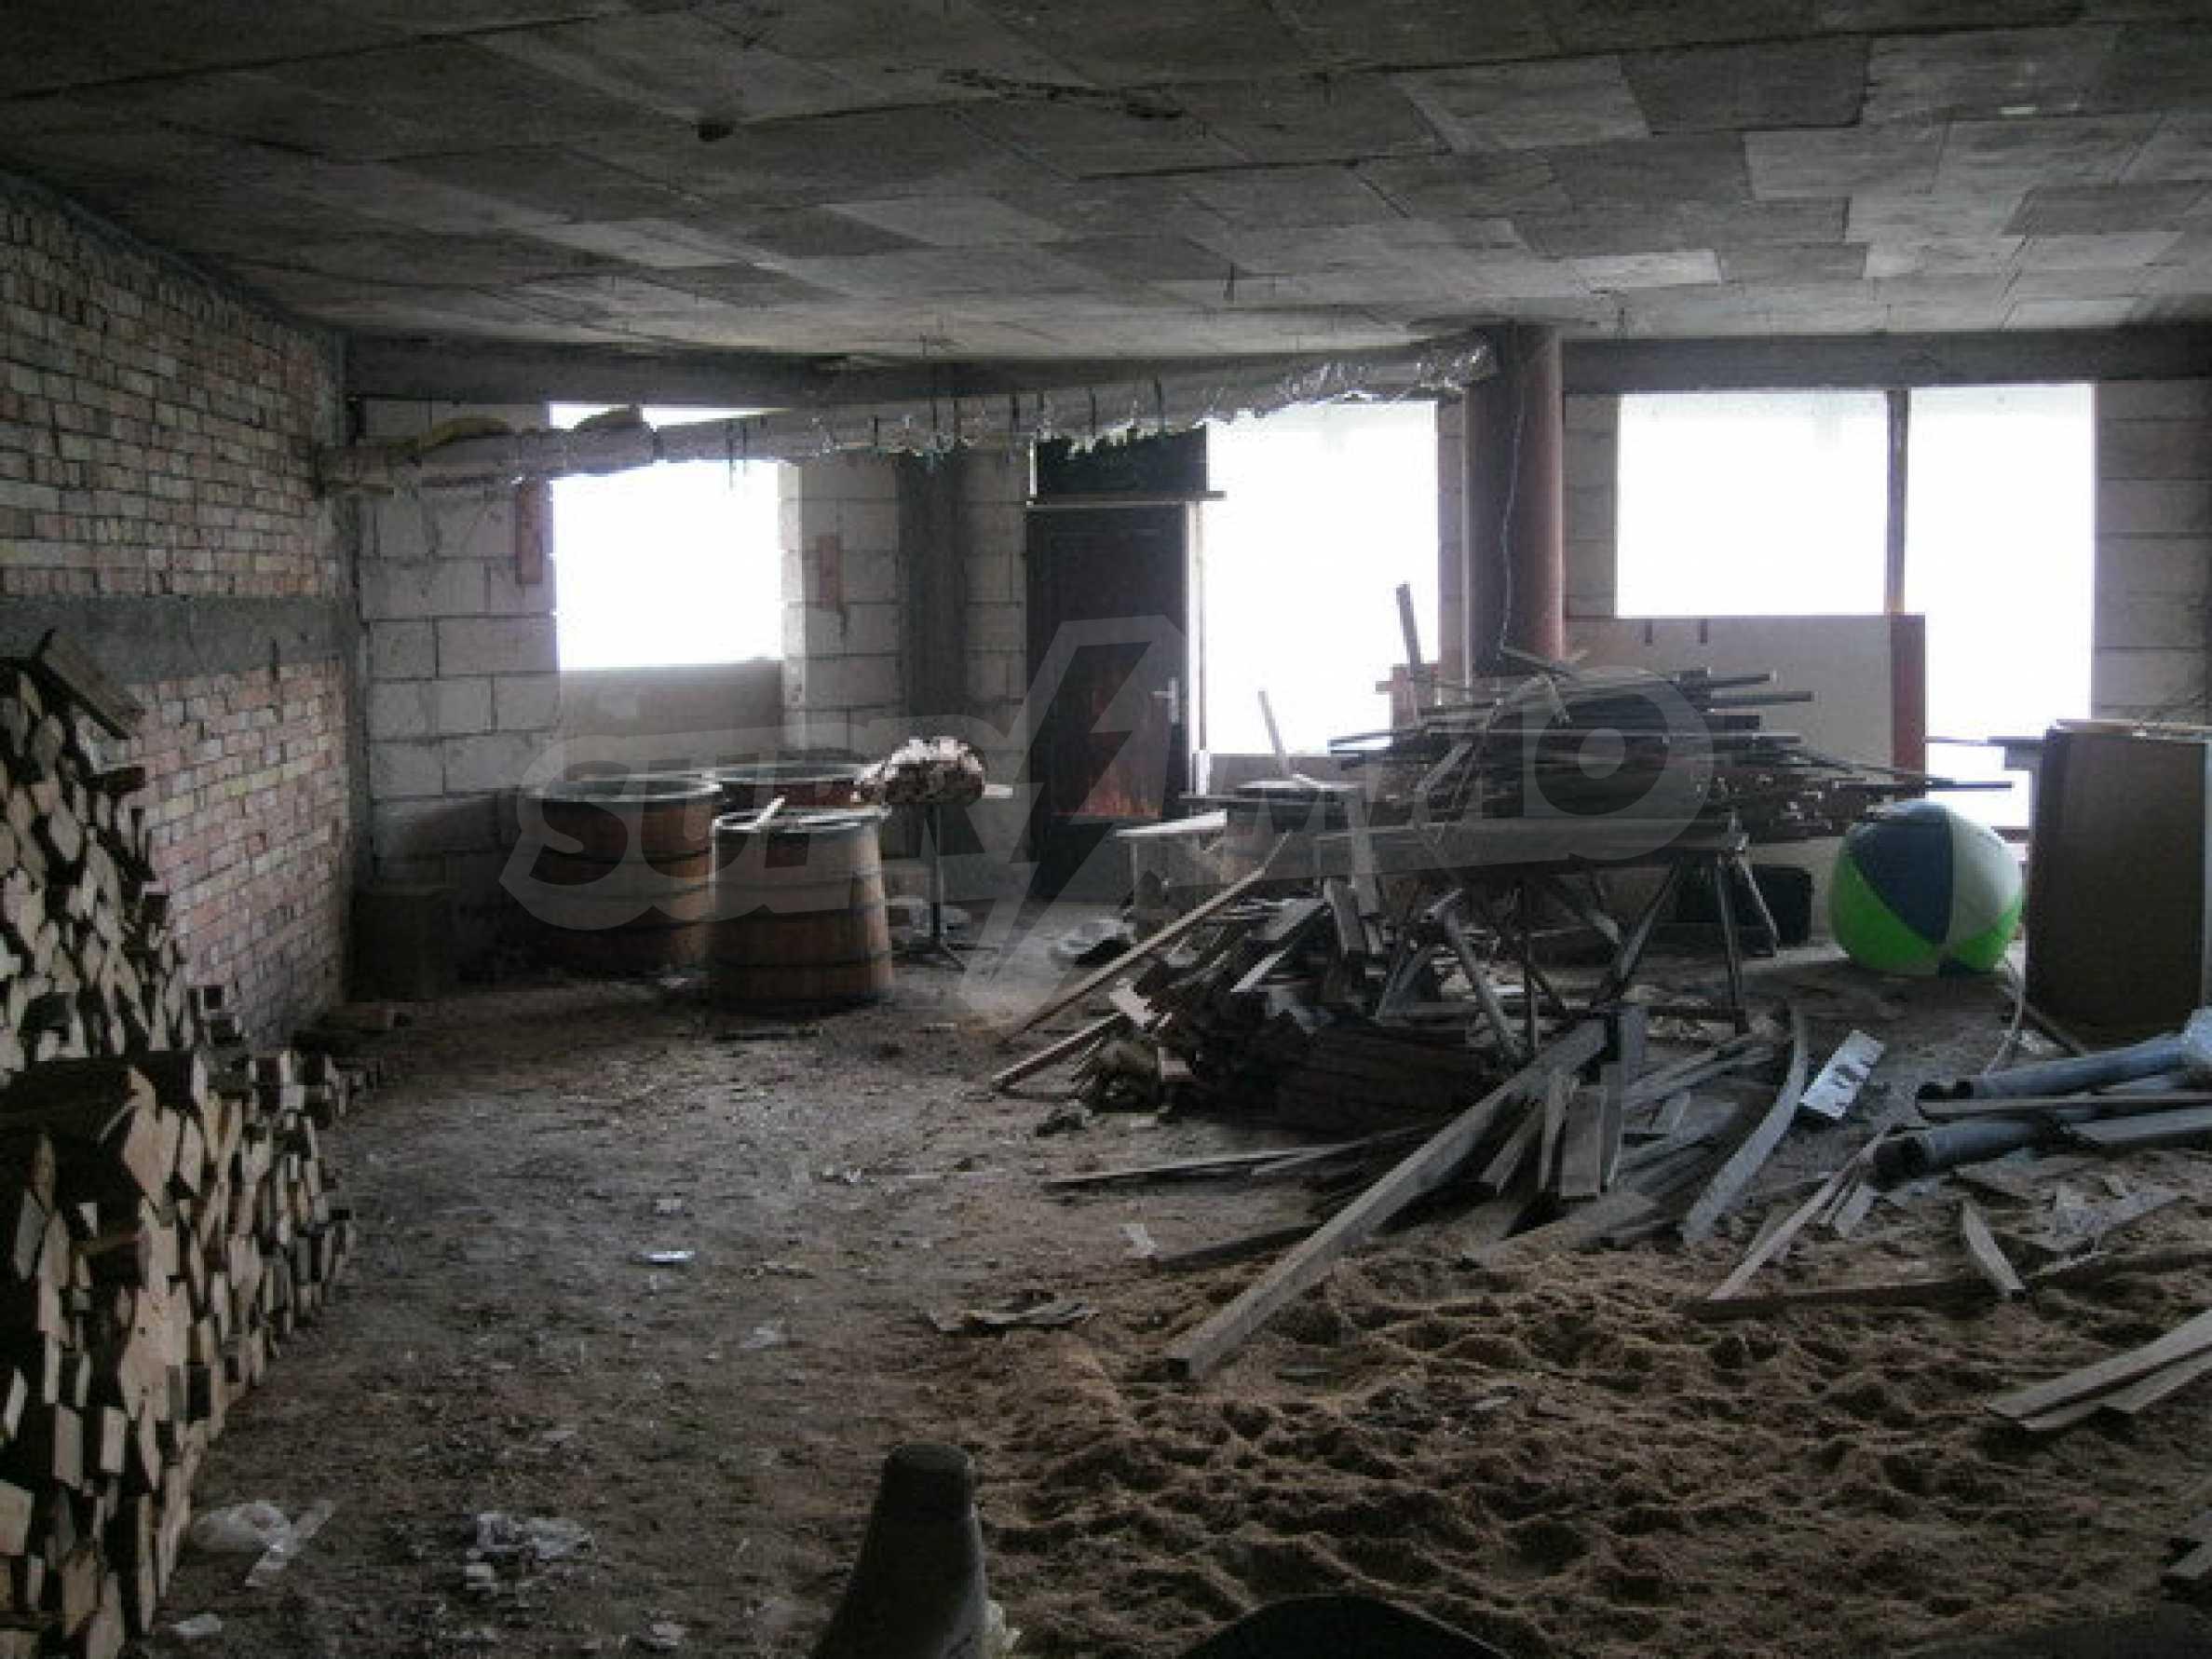 Здание, подходящее для разных видов бизнеса, расположенное в городе Велико Тырново 24